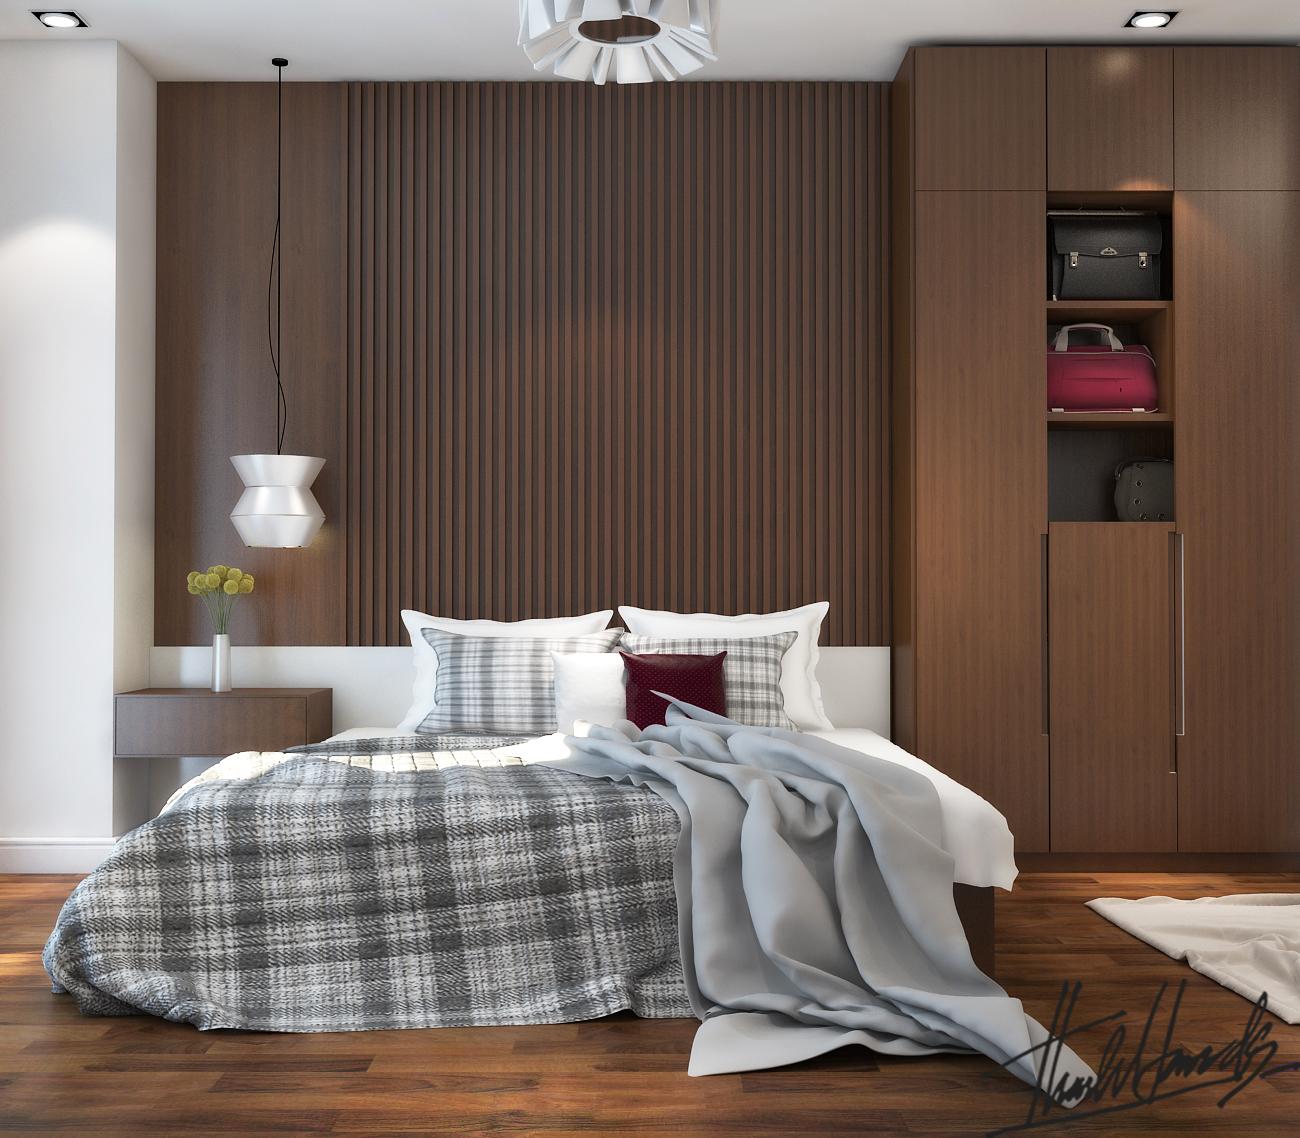 thiết kế nội thất chung cư tại Hà Nội chung cư roya city 14 1568274327